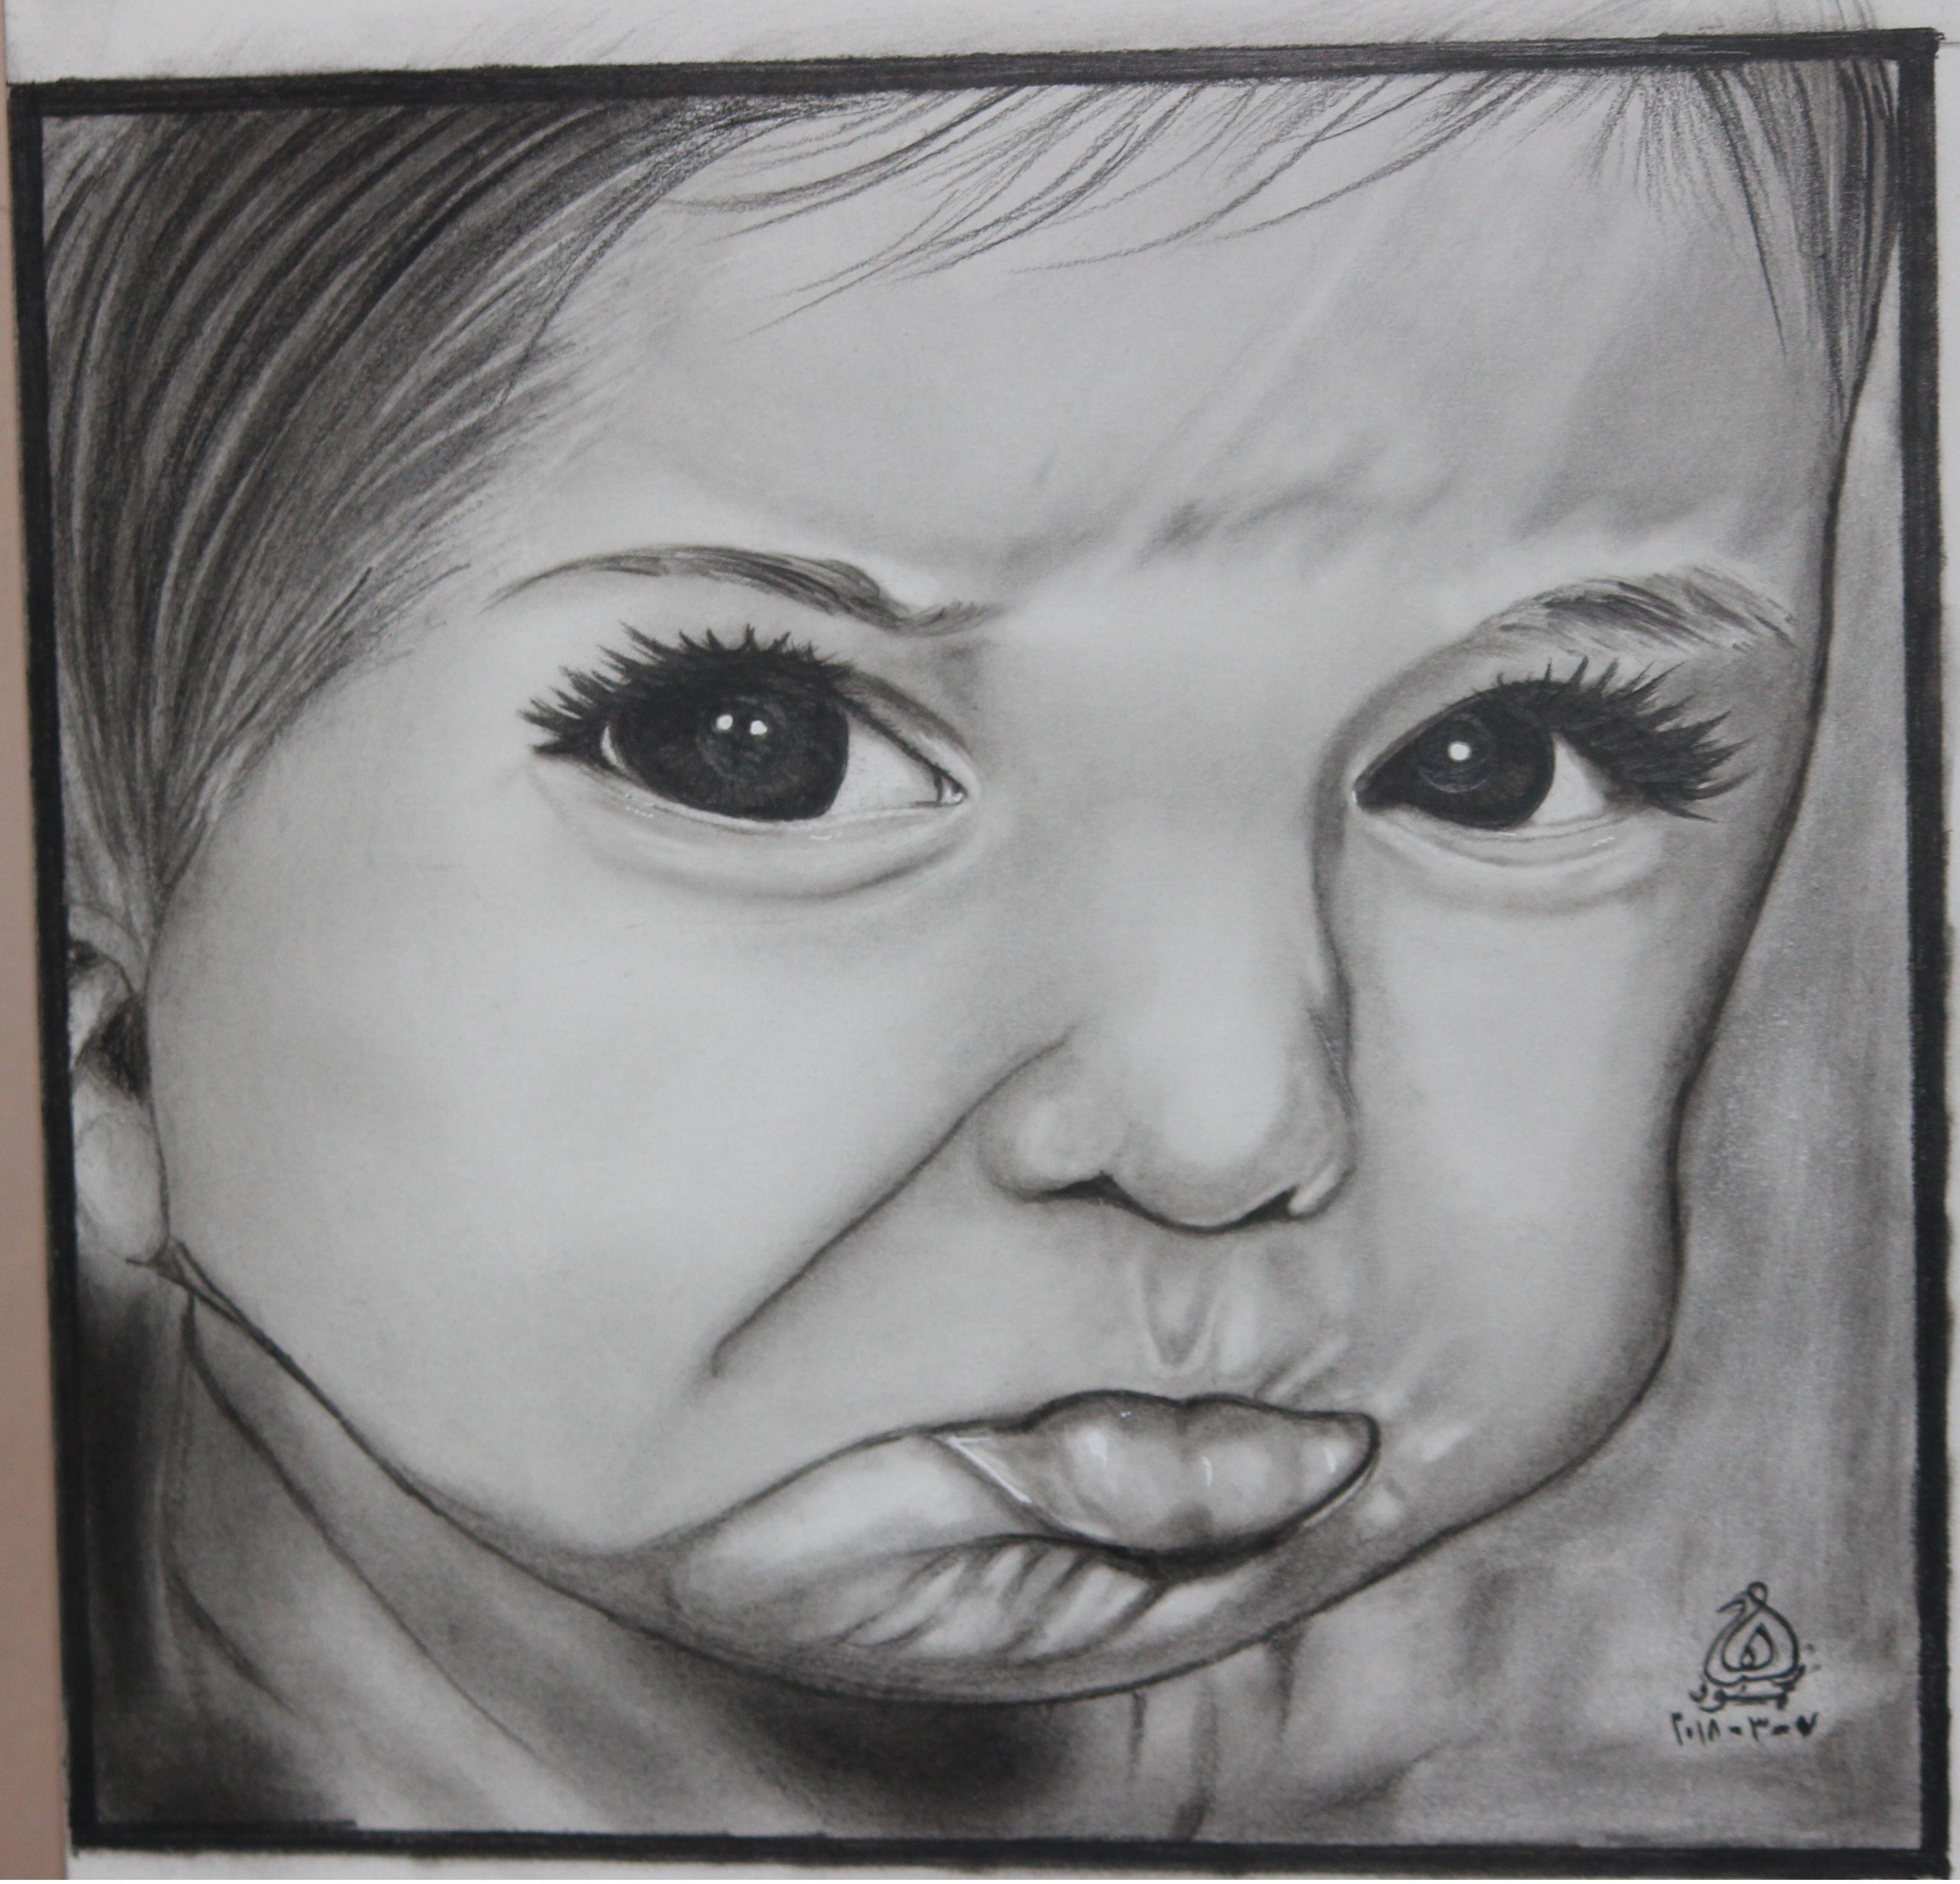 رسم بالرصاص طفل صغير للفنانة هبة محمود رسم رصاص مصر رسم طفل